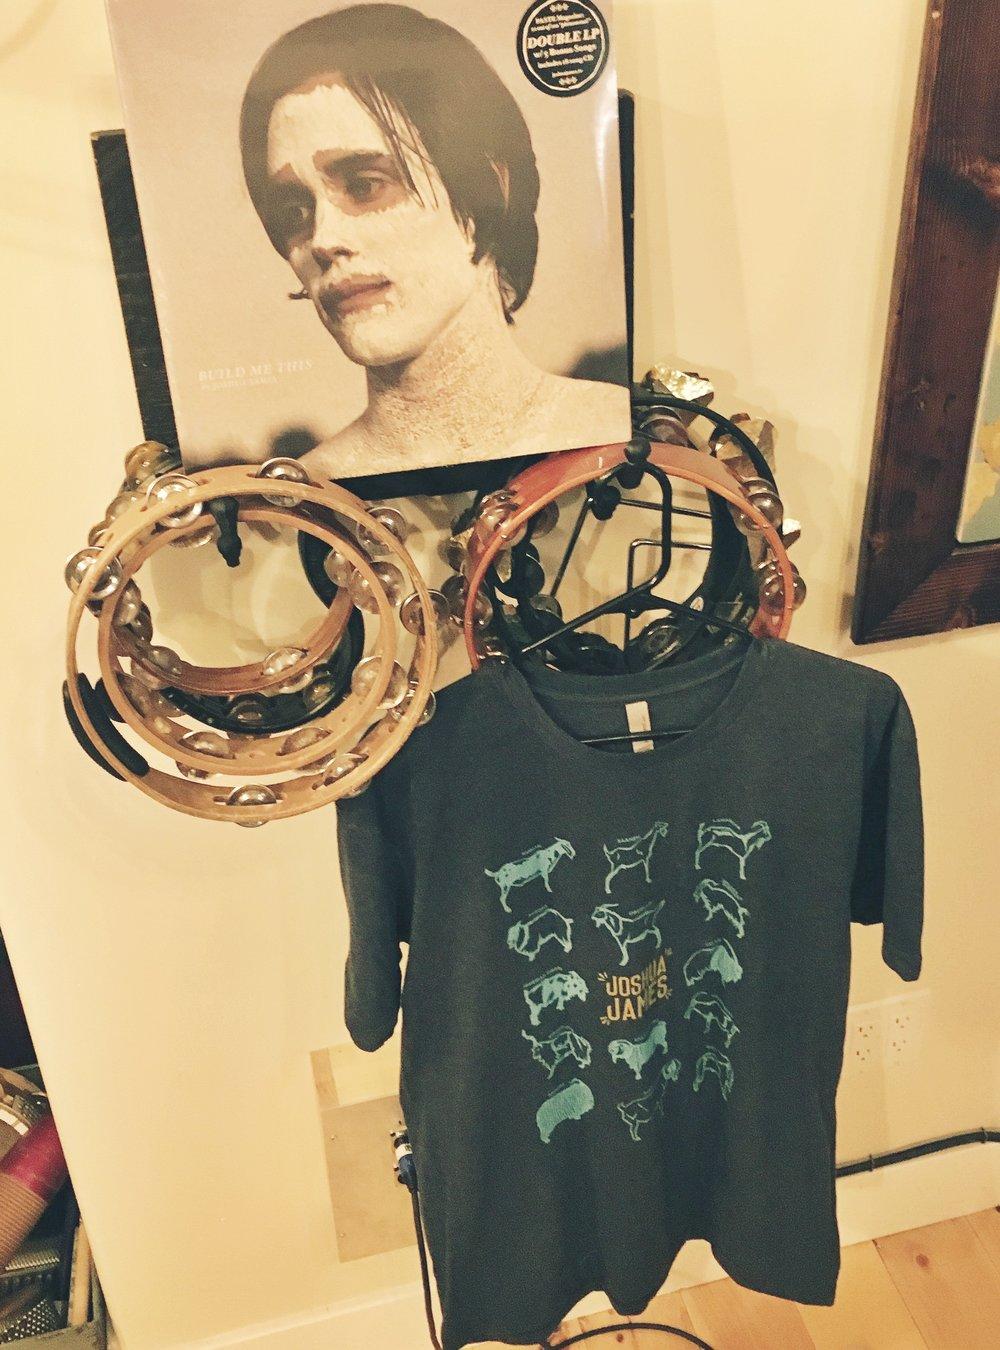 CD/vinyl + tshirt!